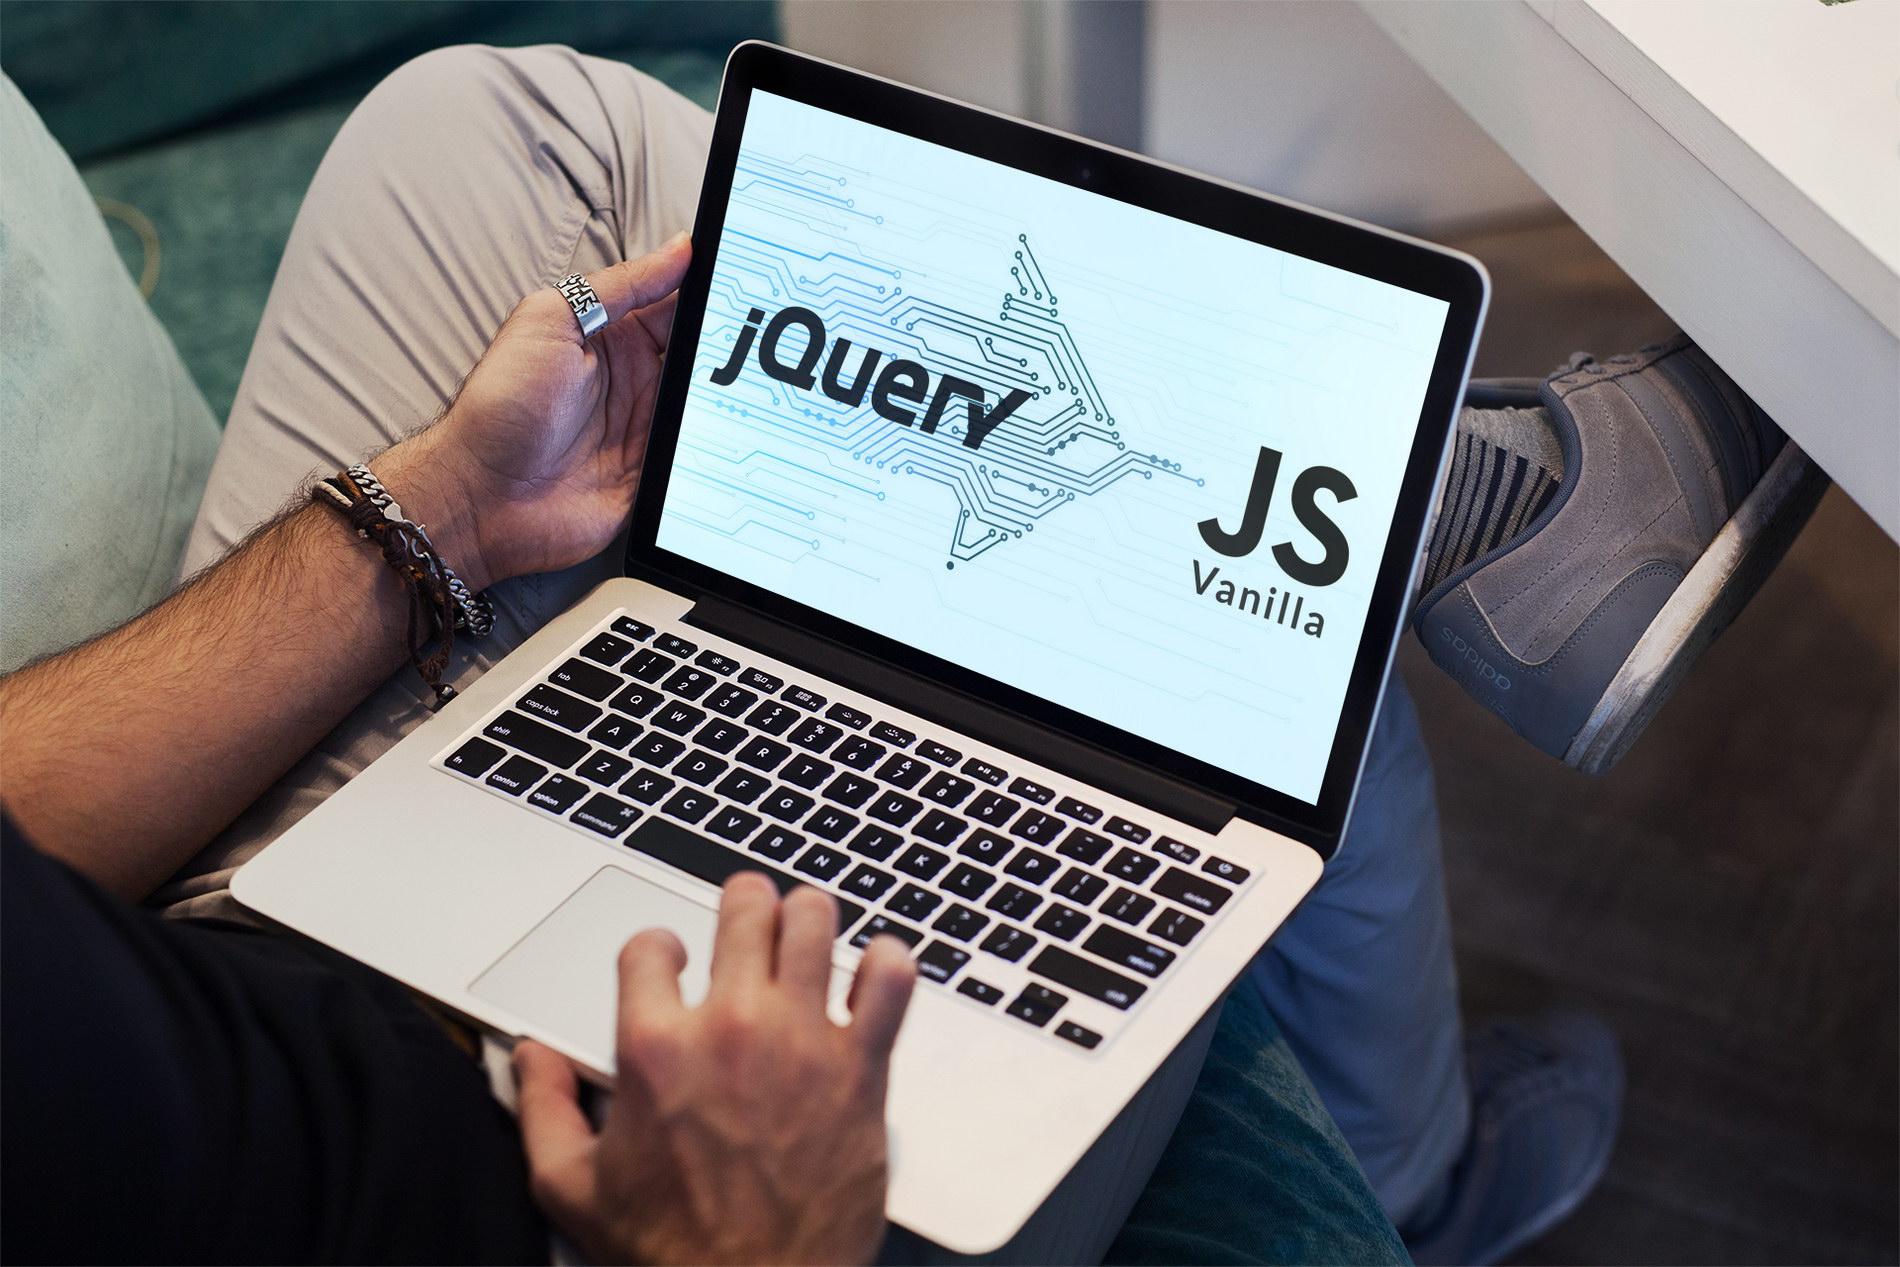 Metody jQuery w czystym JavaScript (Vanilla)